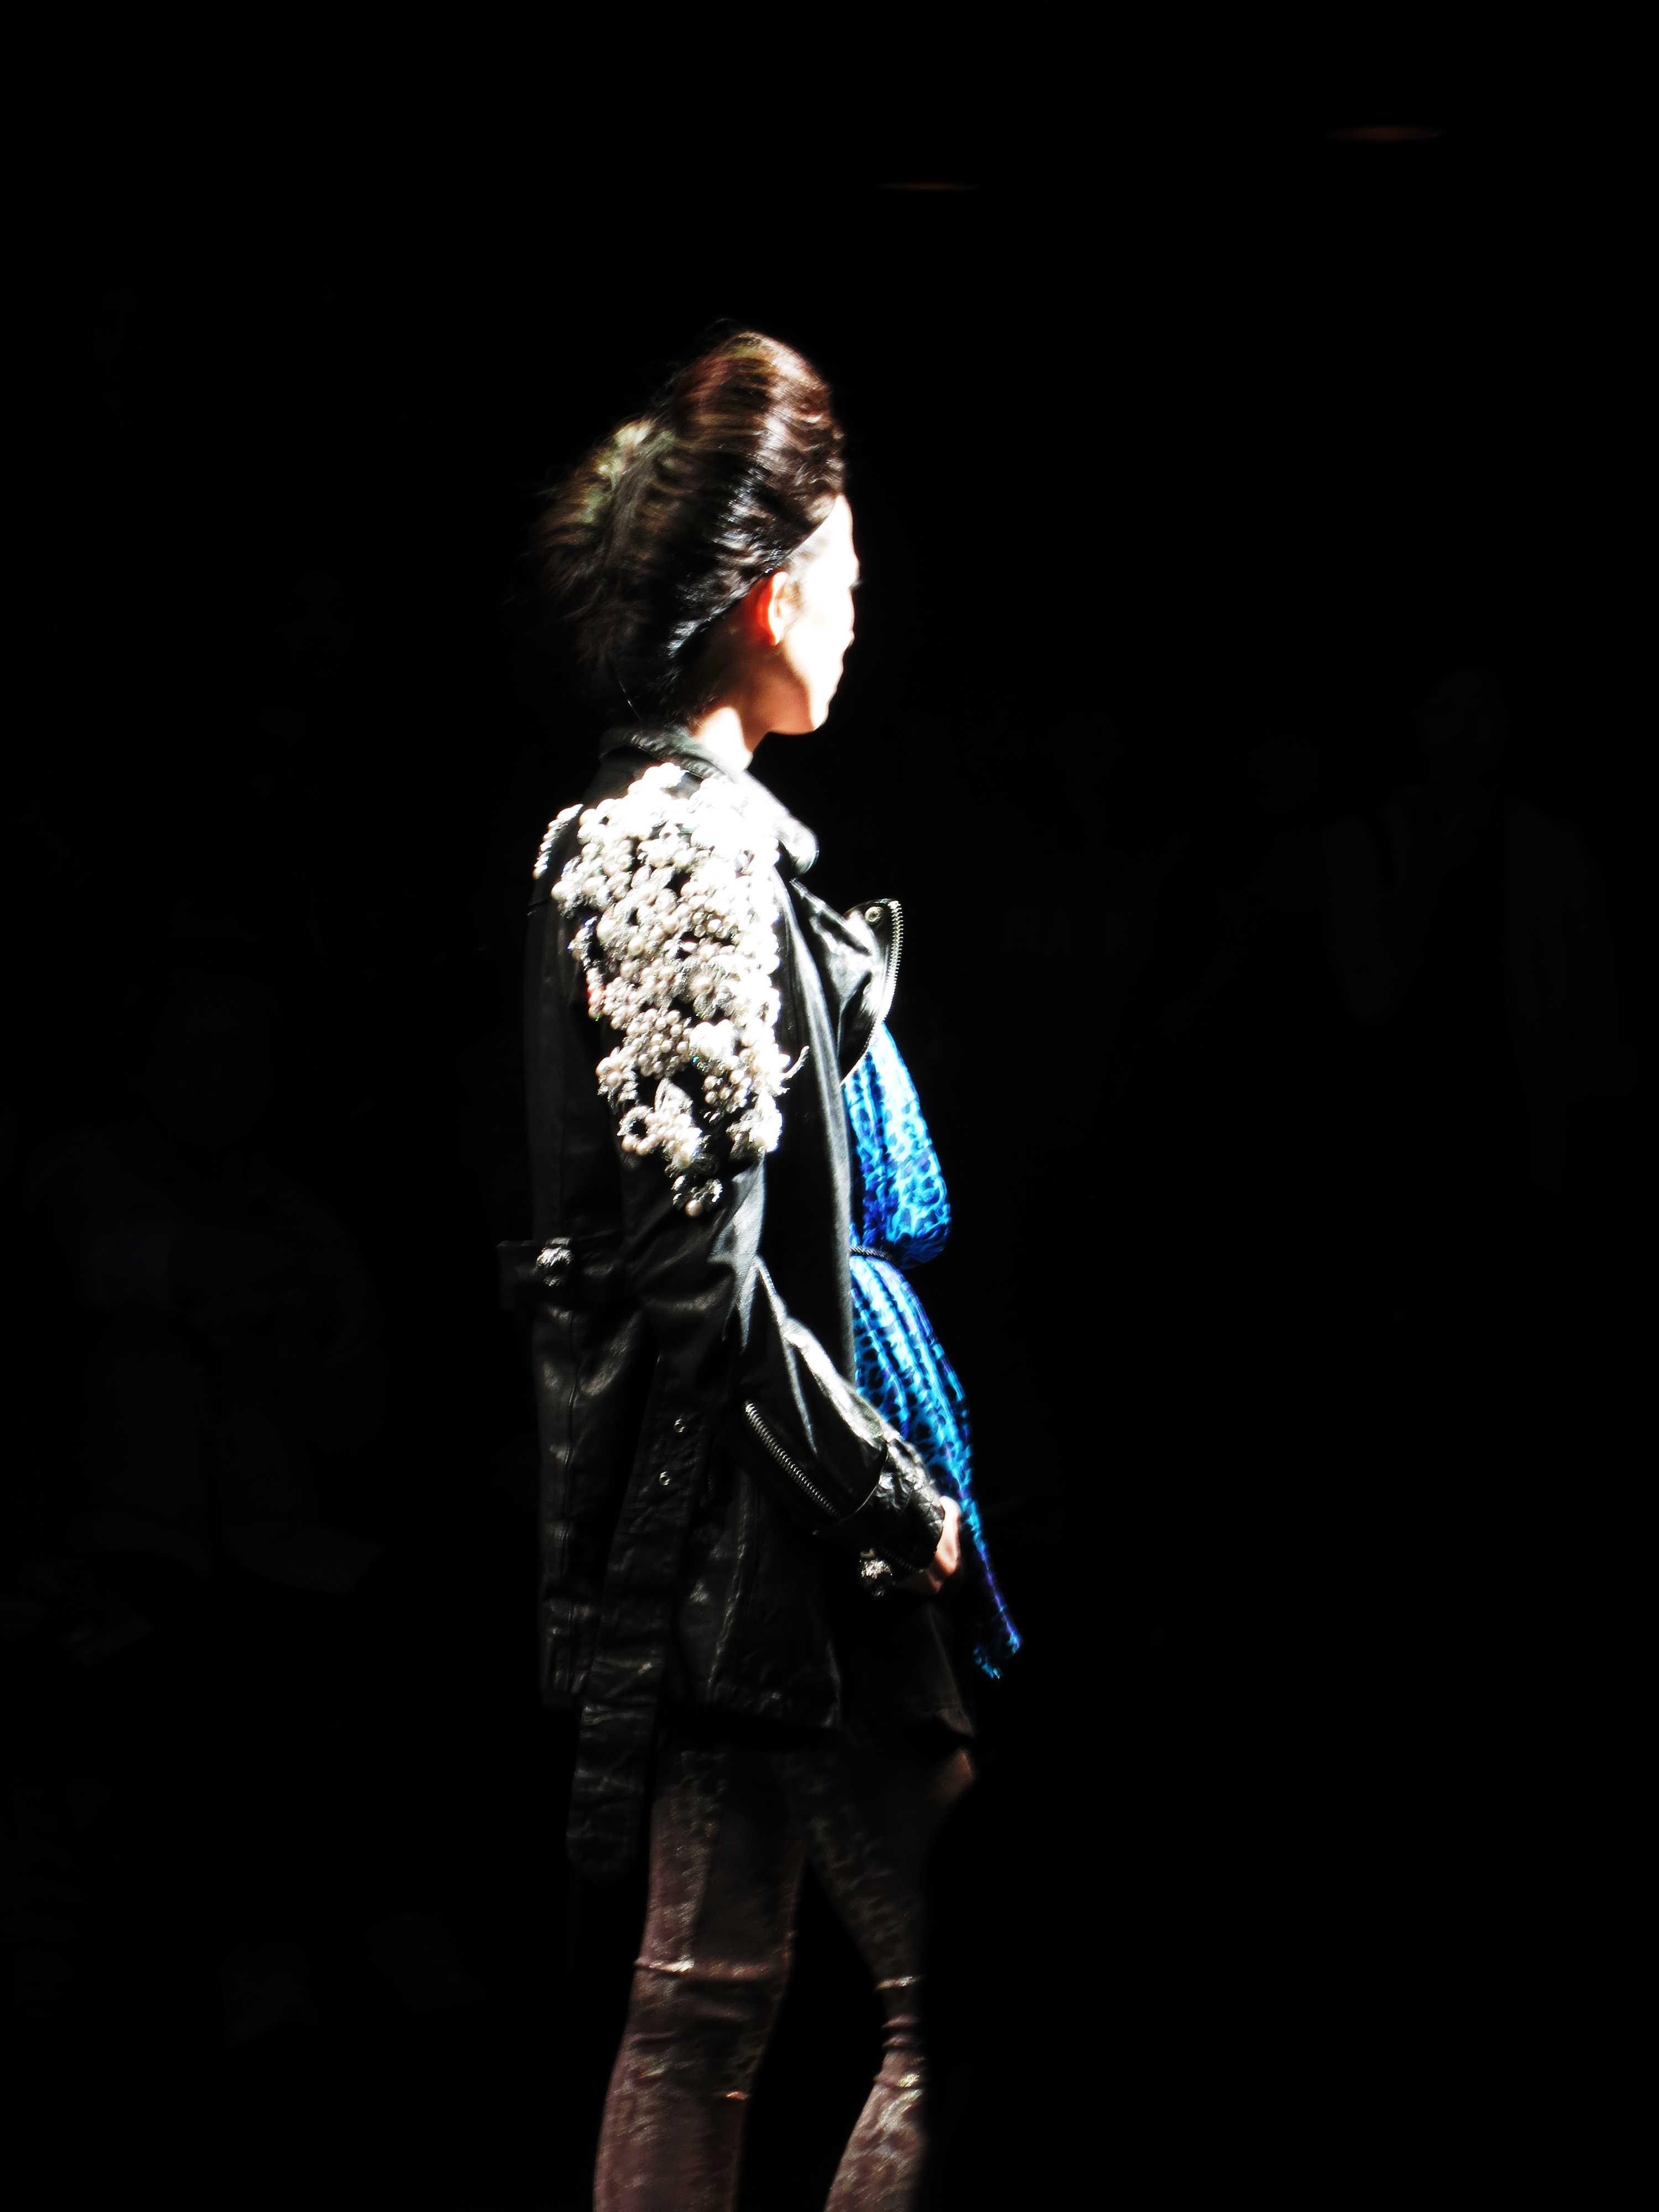 ヒカリエでファッションショー☆_d0339884_17512722.jpg